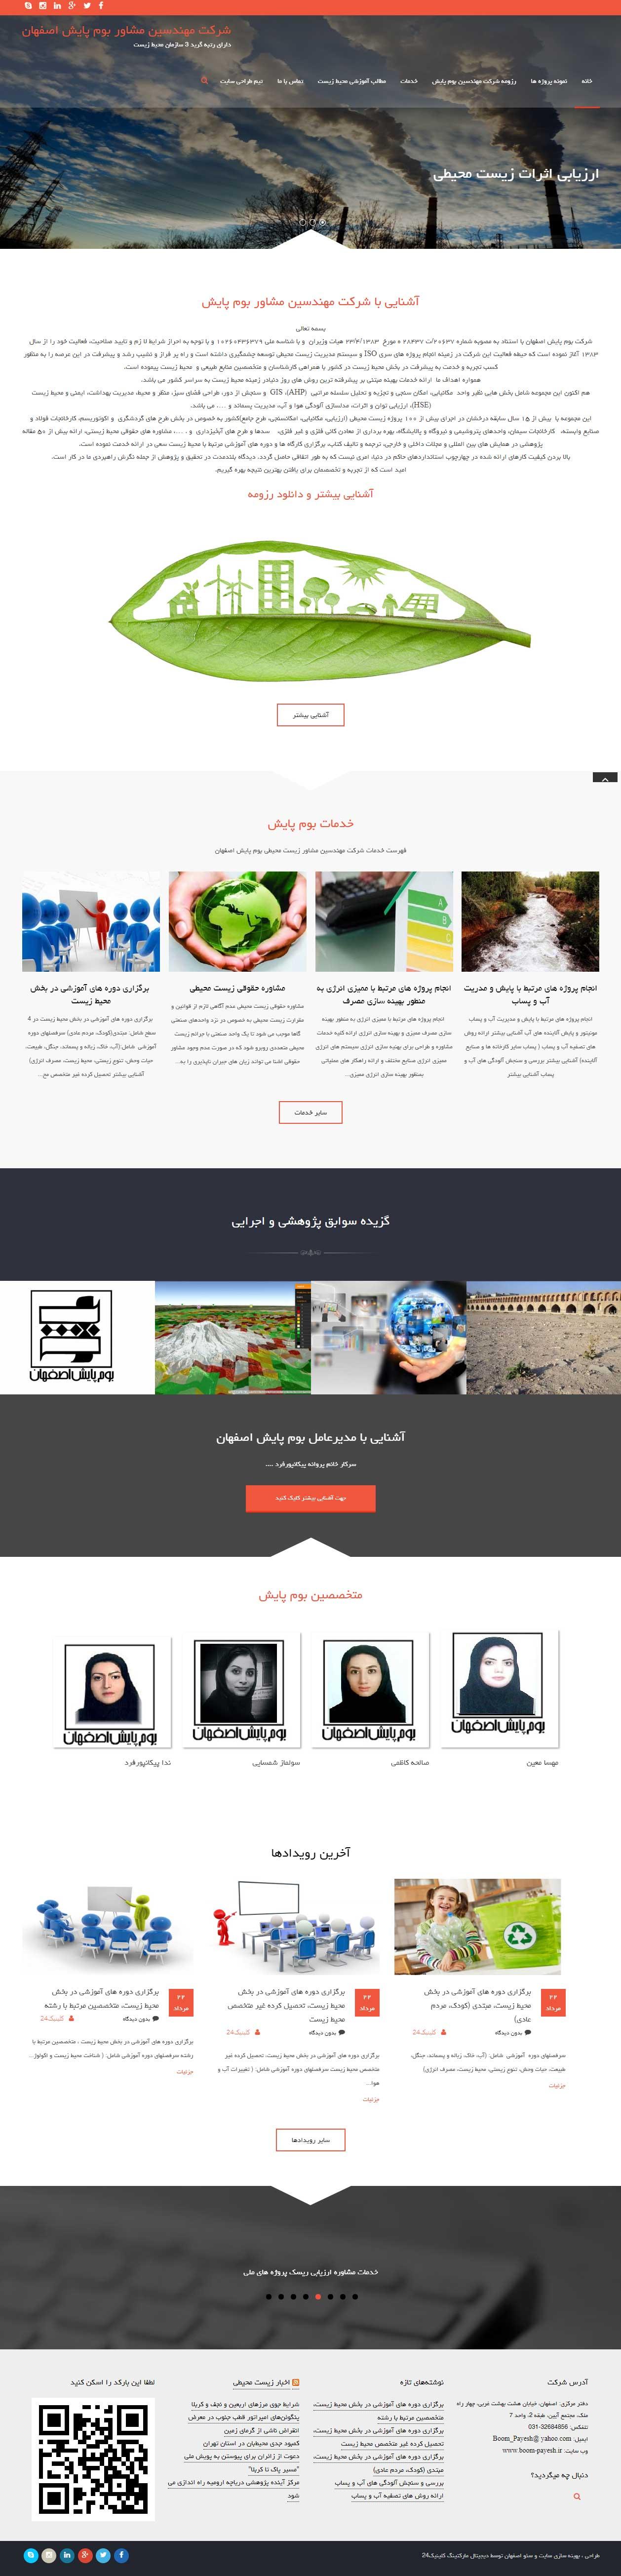 طراحی وب سایت شرکت مشاروه محیط زیست